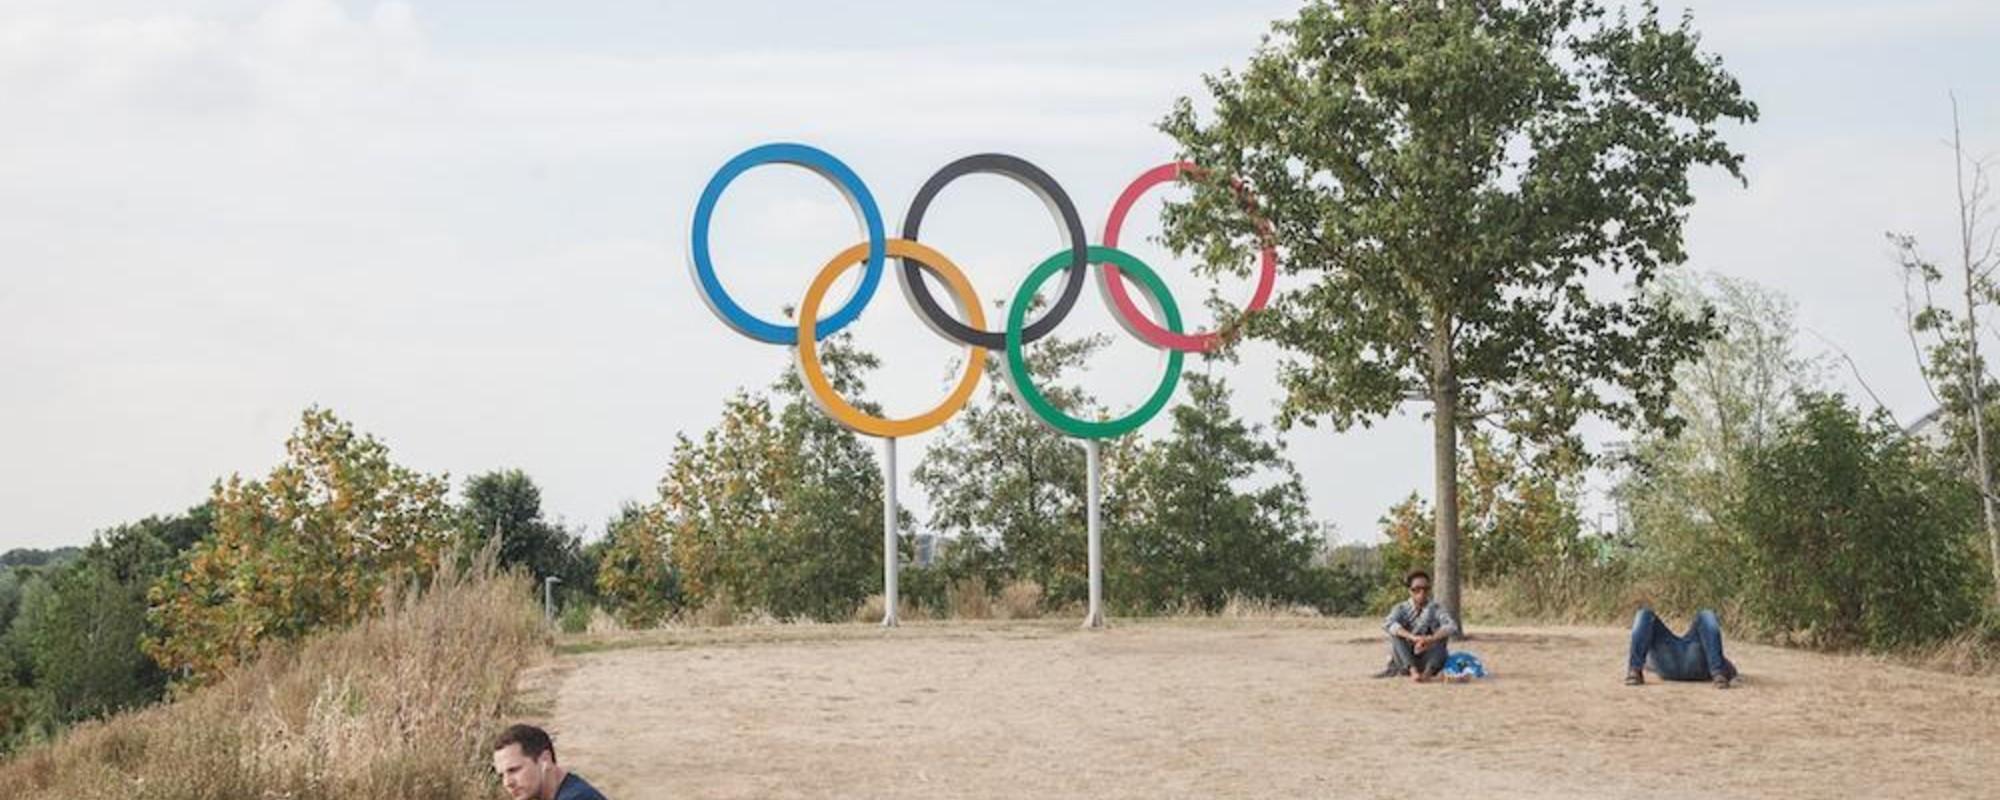 Jak wygląda wioska olimpijska w Londynie cztery lata po Igrzyskach